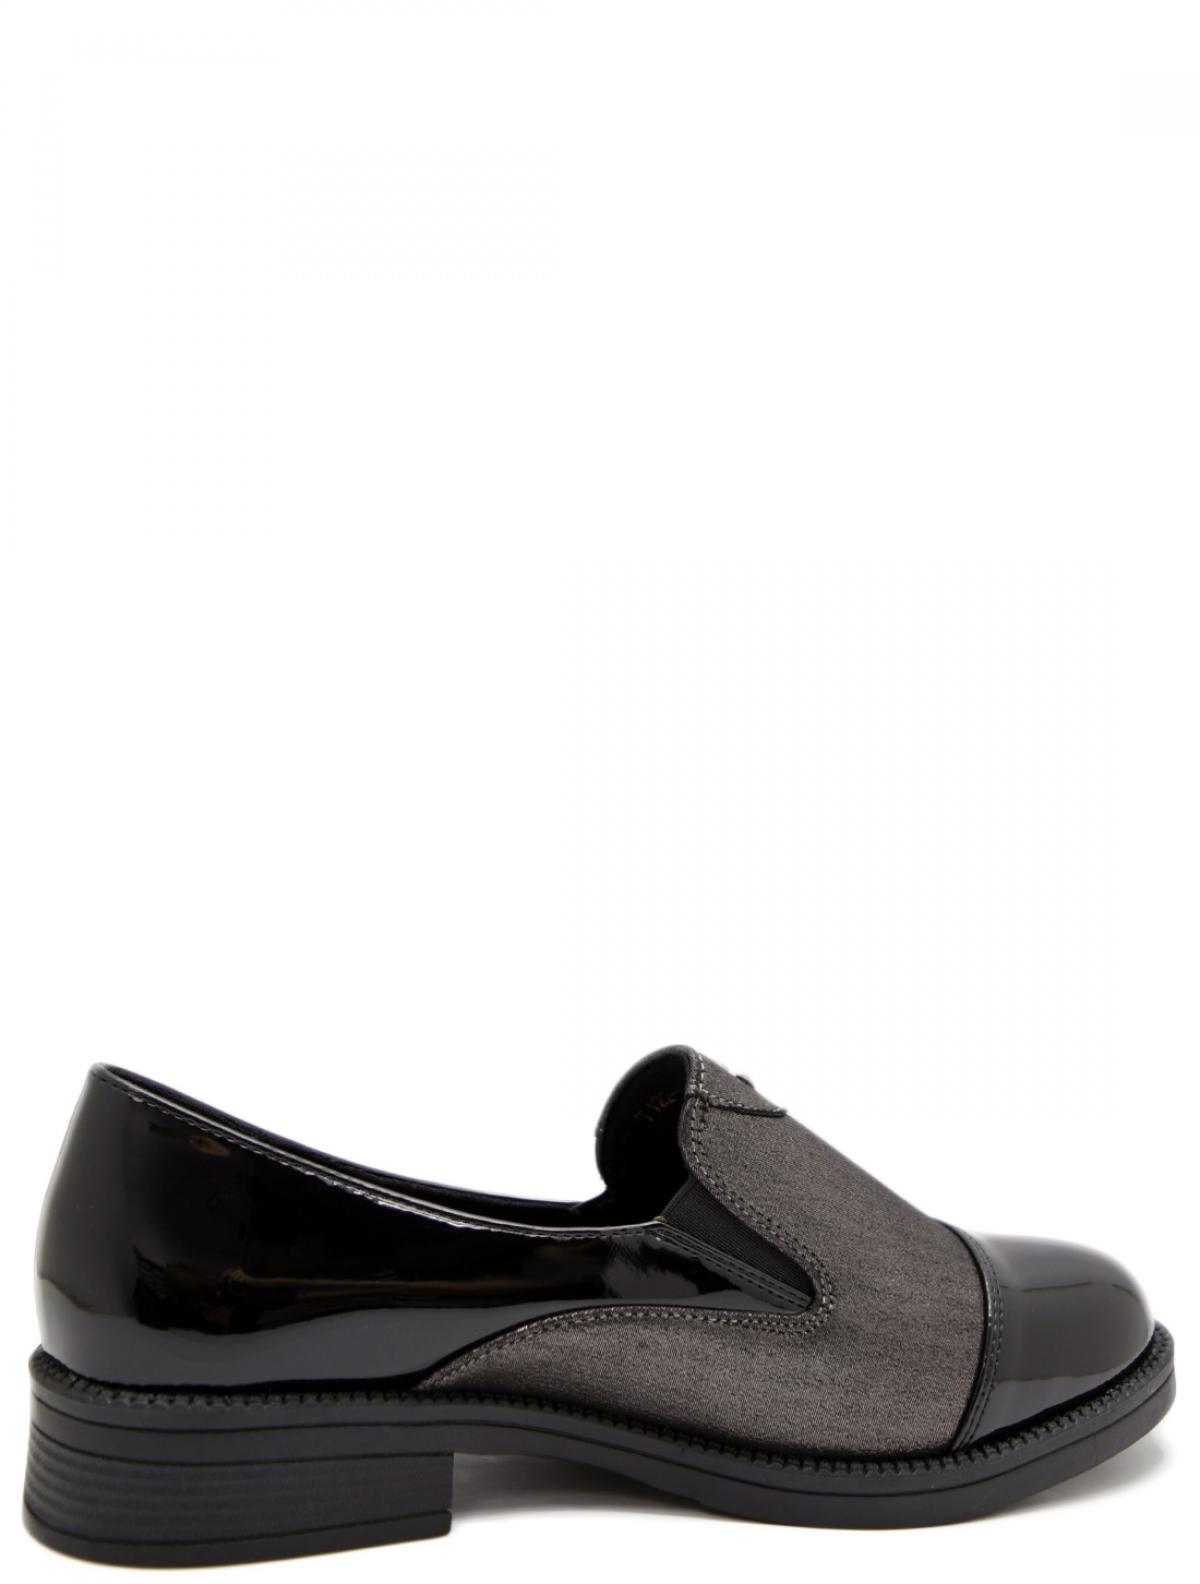 Fassen T122-013 женские туфли